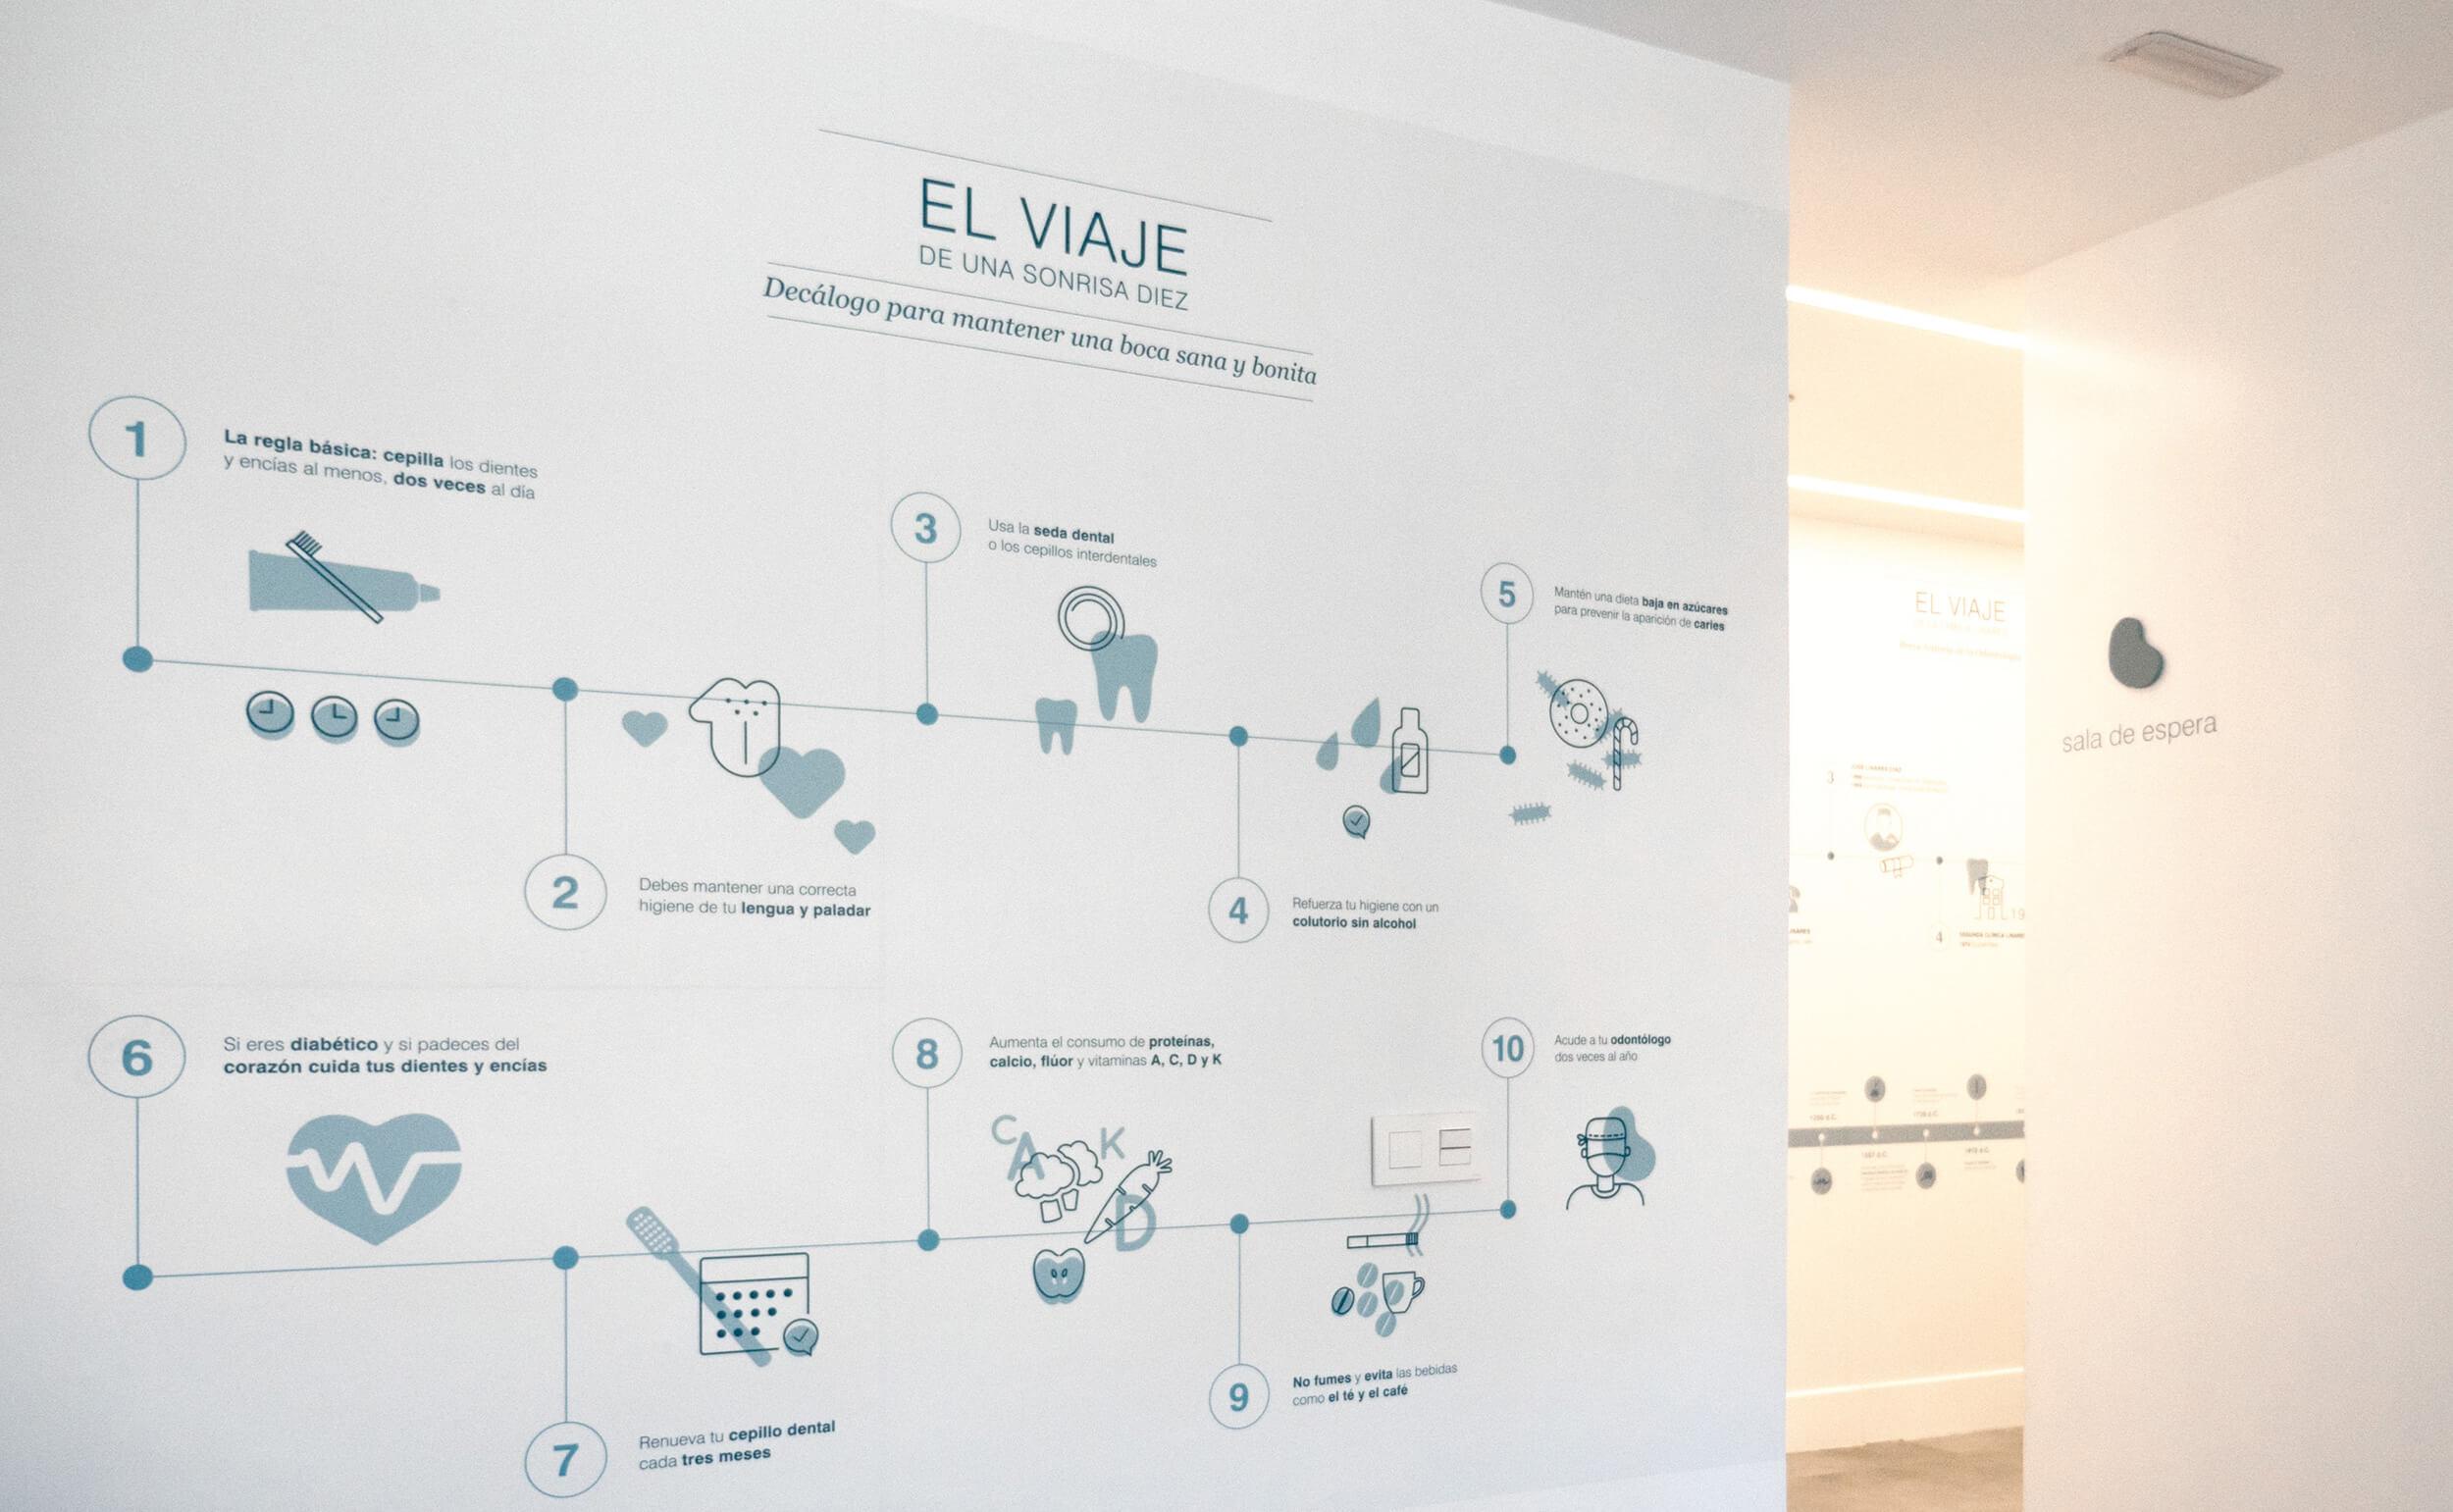 Muro gráfico de la sala de espera de la Clínica Linares. El viaje de una sonrisa 10